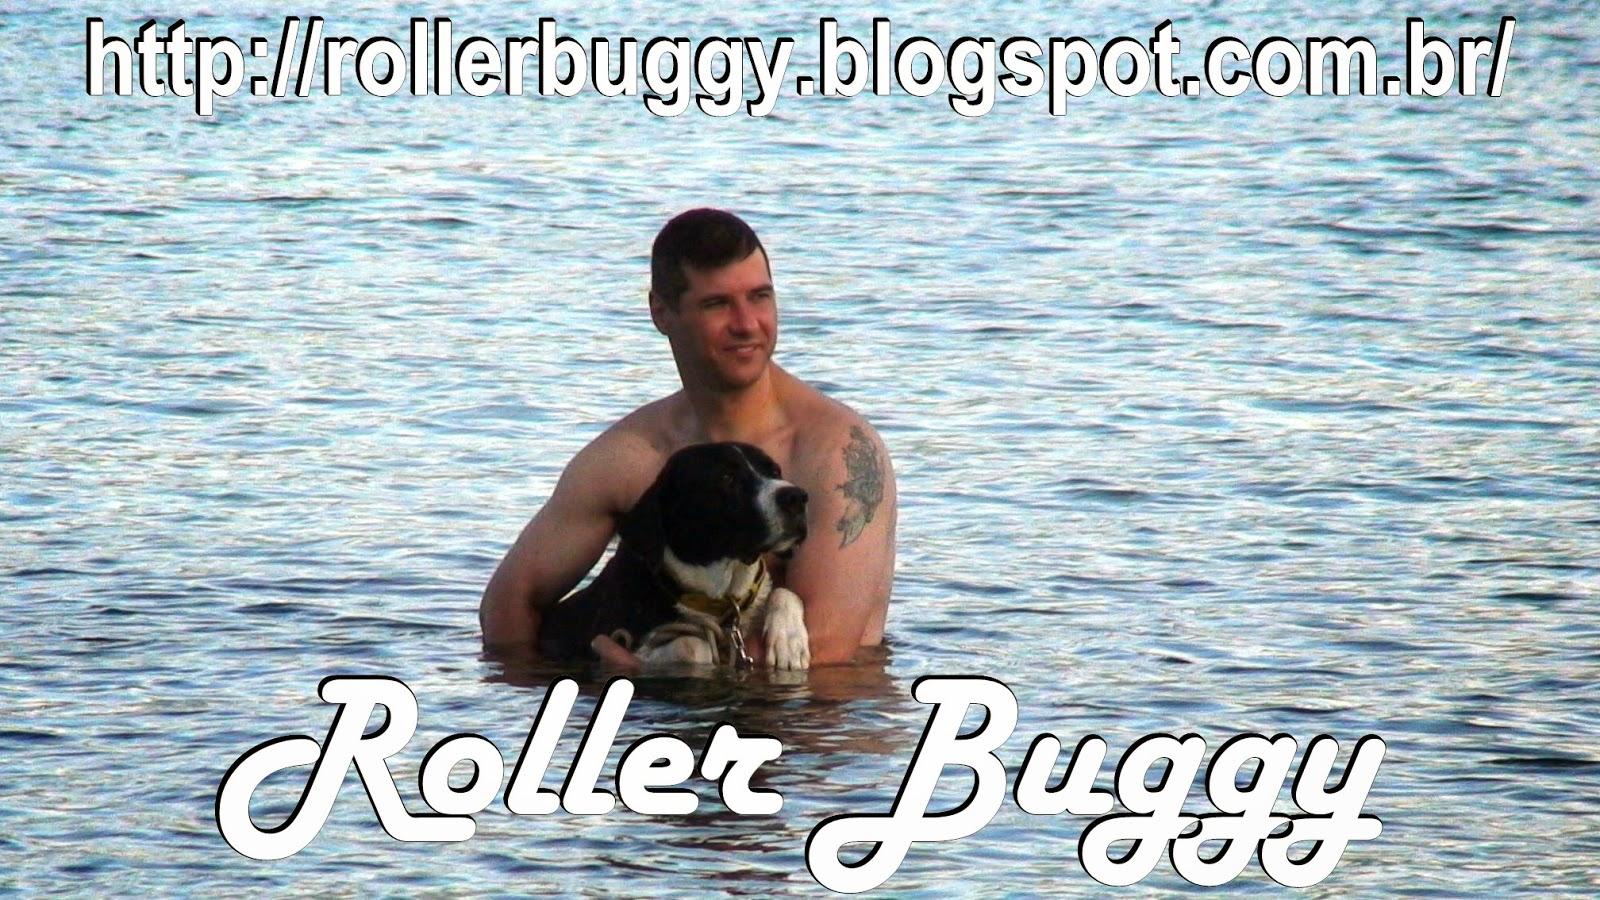 http://rollerbuggy.blogspot.com.br/2015/01/2011-2012-perdi-meu-maior-amigo.html